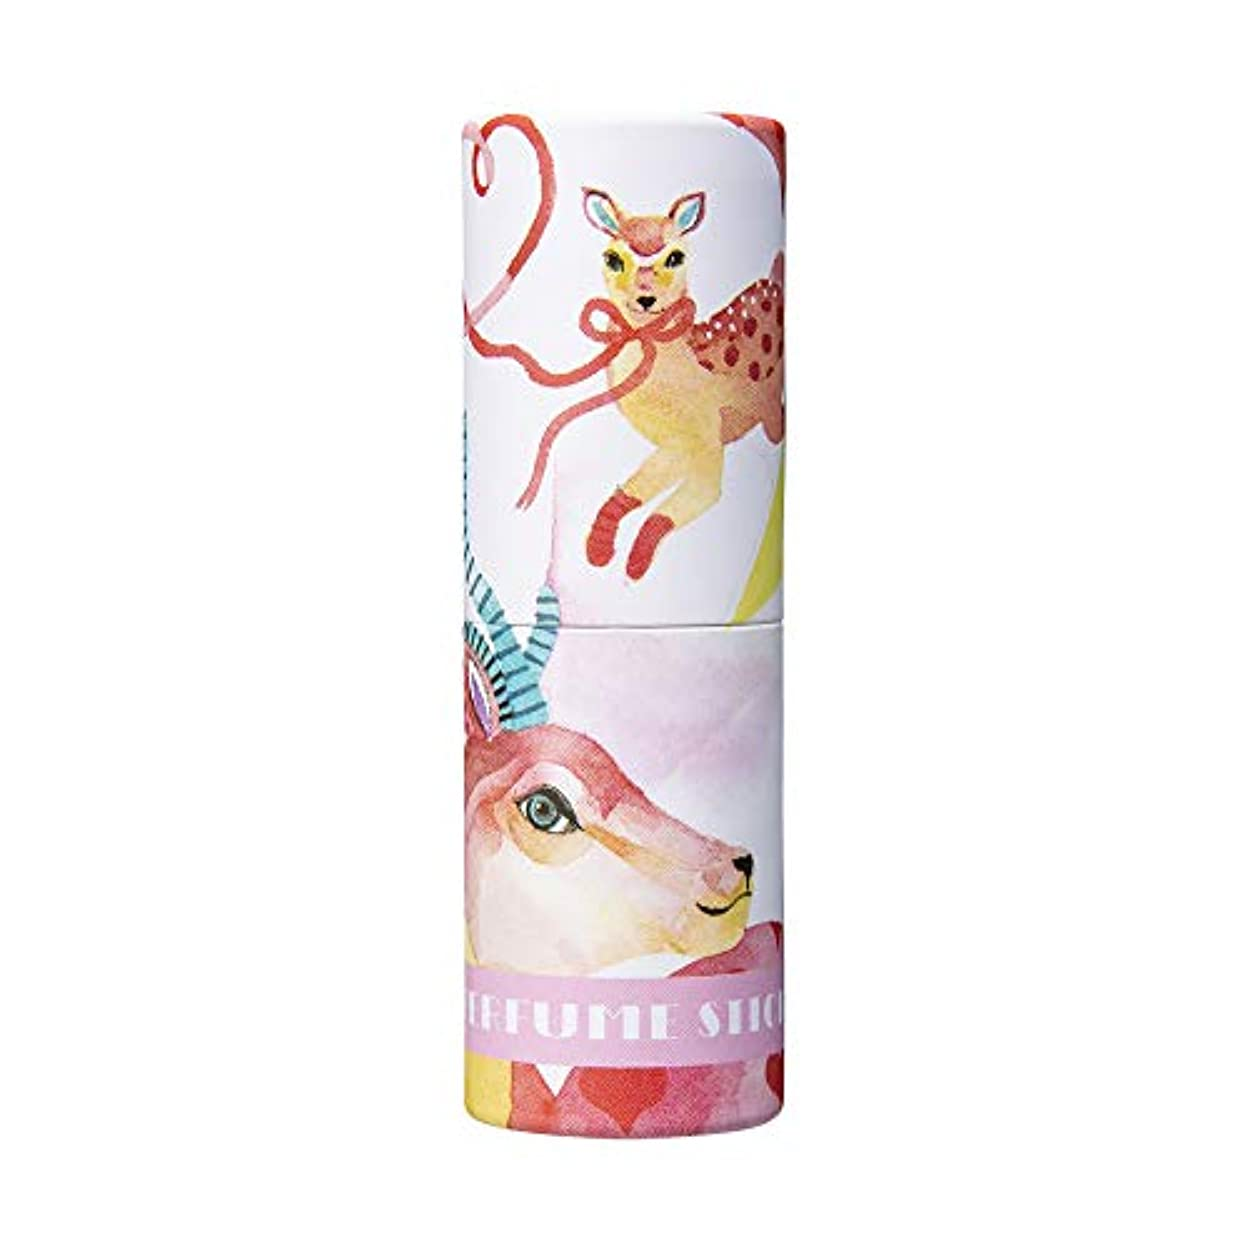 トランスミッション非難ガラガラパフュームスティック ラブ チェリー&ミックスベリーの香り CatoFriendデザイン 5g